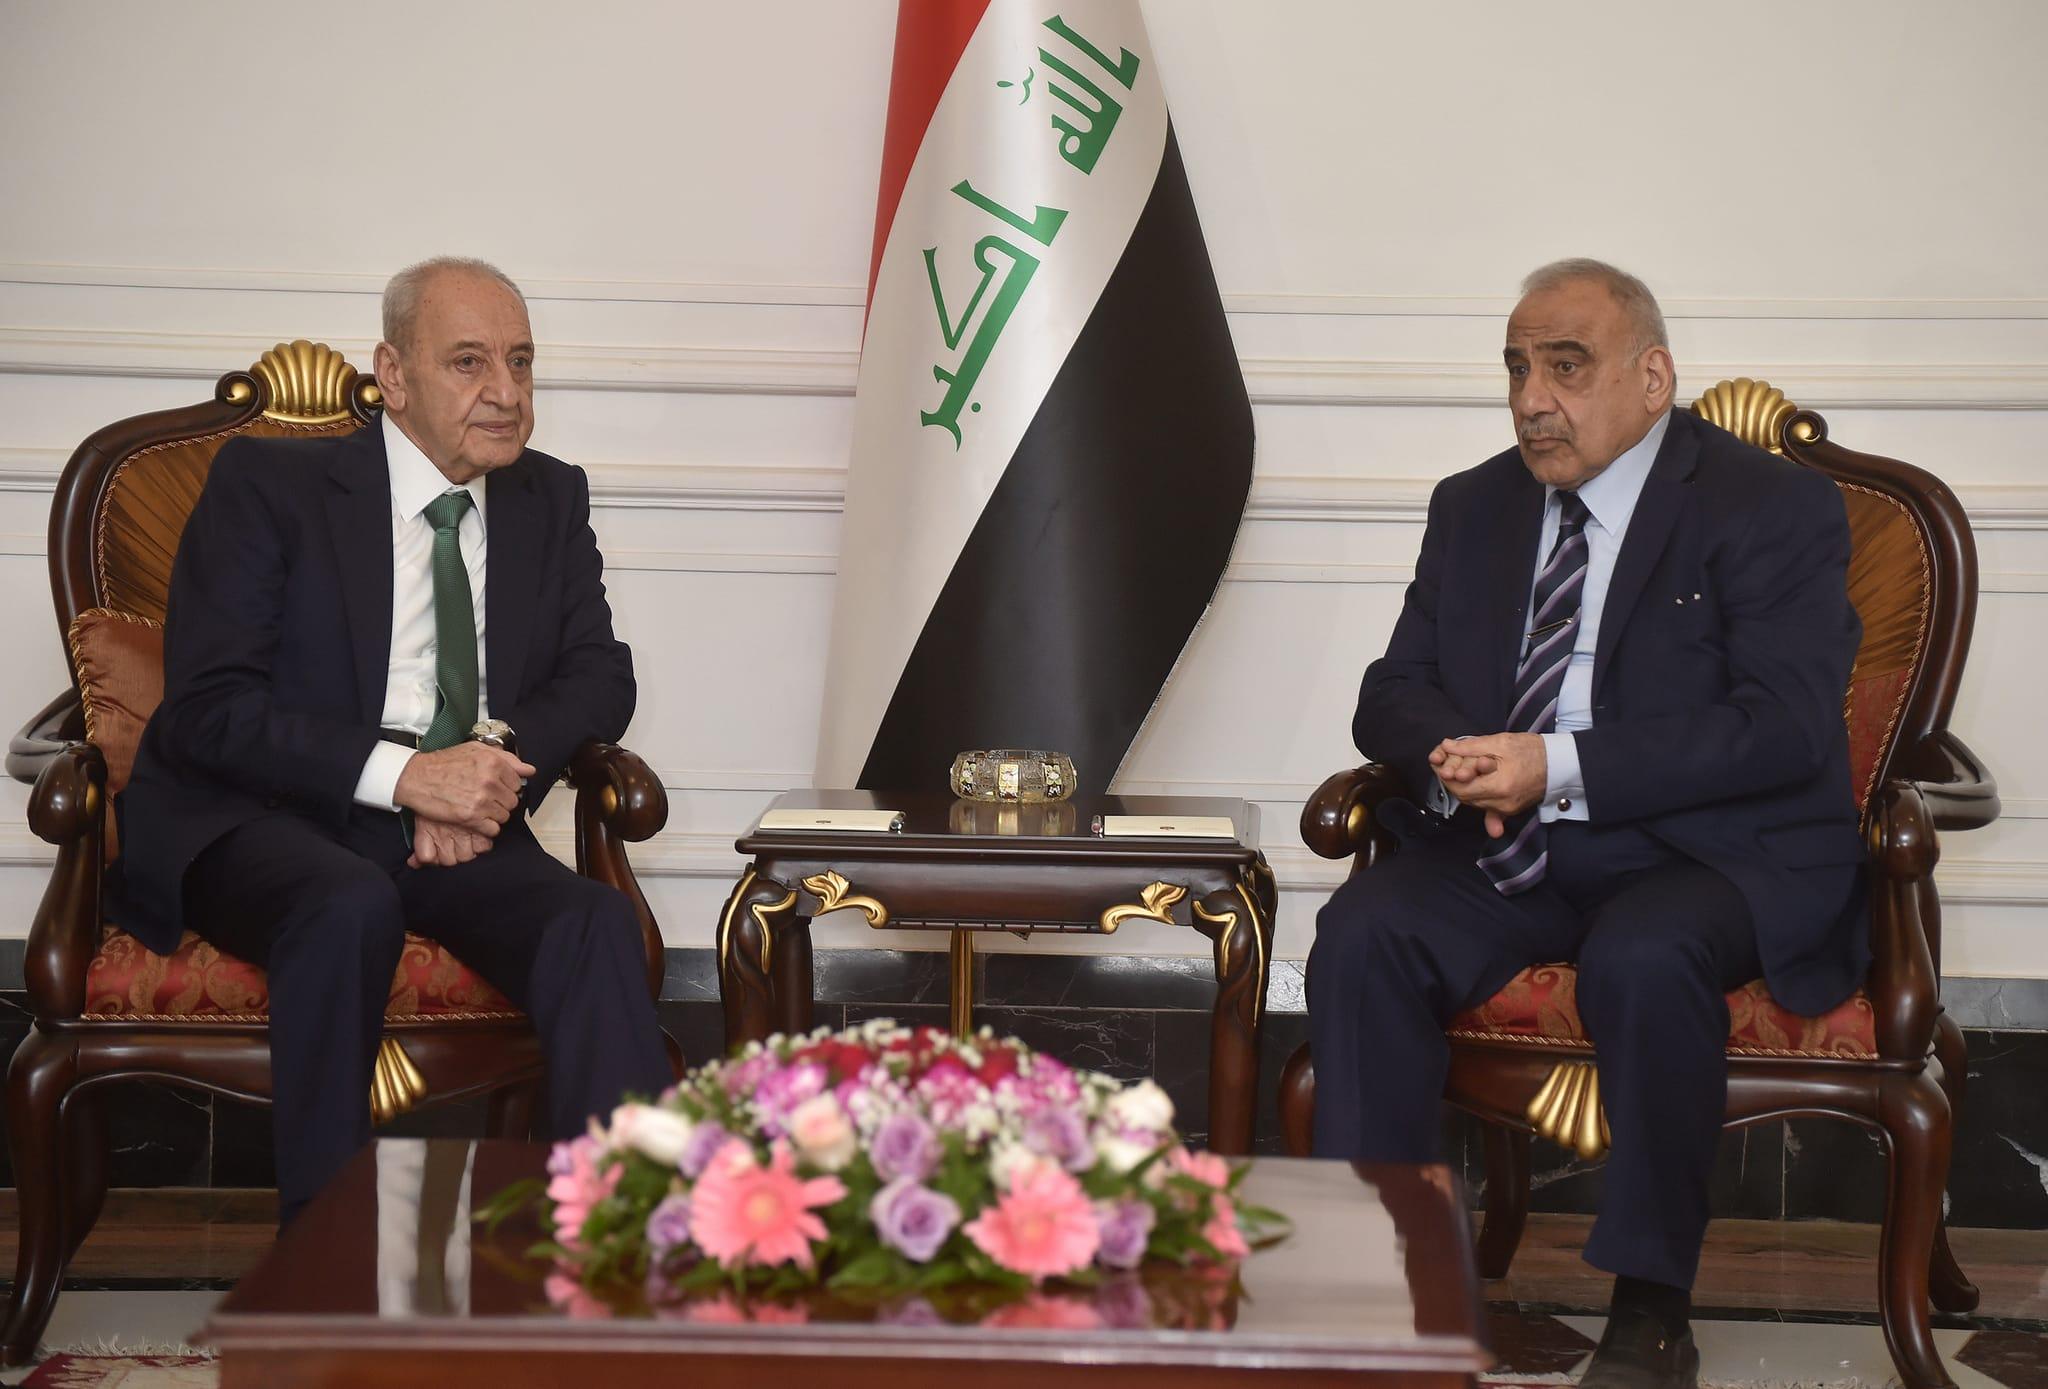 Le Président de la Chambre des députés Nabih Berry avec le Premier Ministre Irakien. Source Photo: Parlement